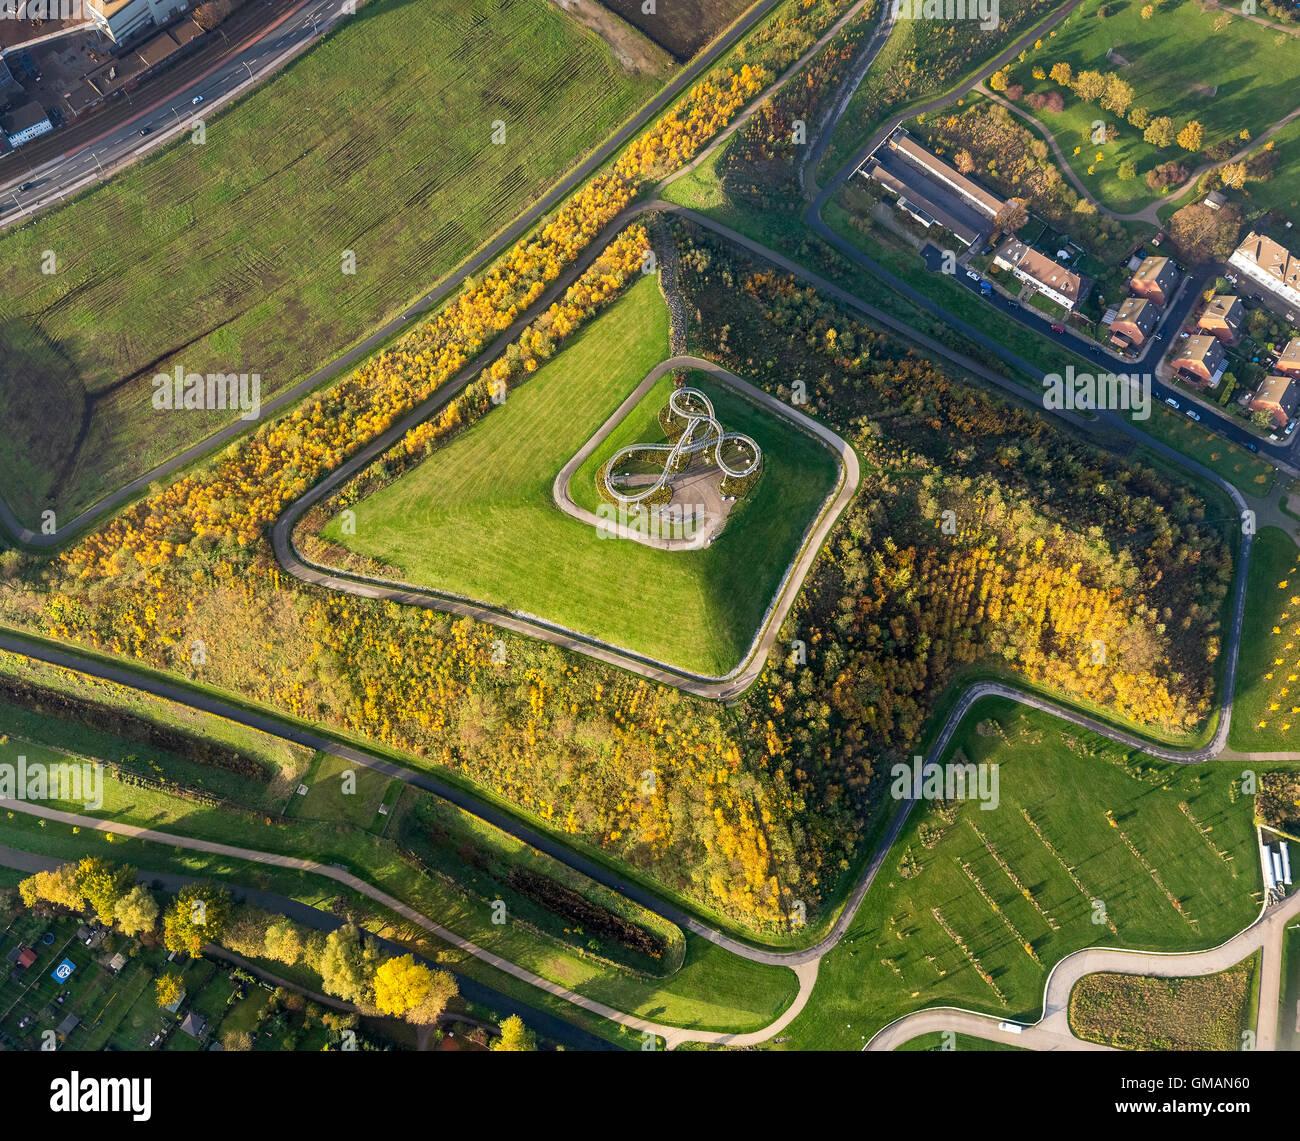 Luftaufnahme, Tiger und Turtle Magic Mountain, Landmarke Angerpark, Aerial Duisburg, Ruhrgebiet, Nordrhein-Westfalen Stockbild